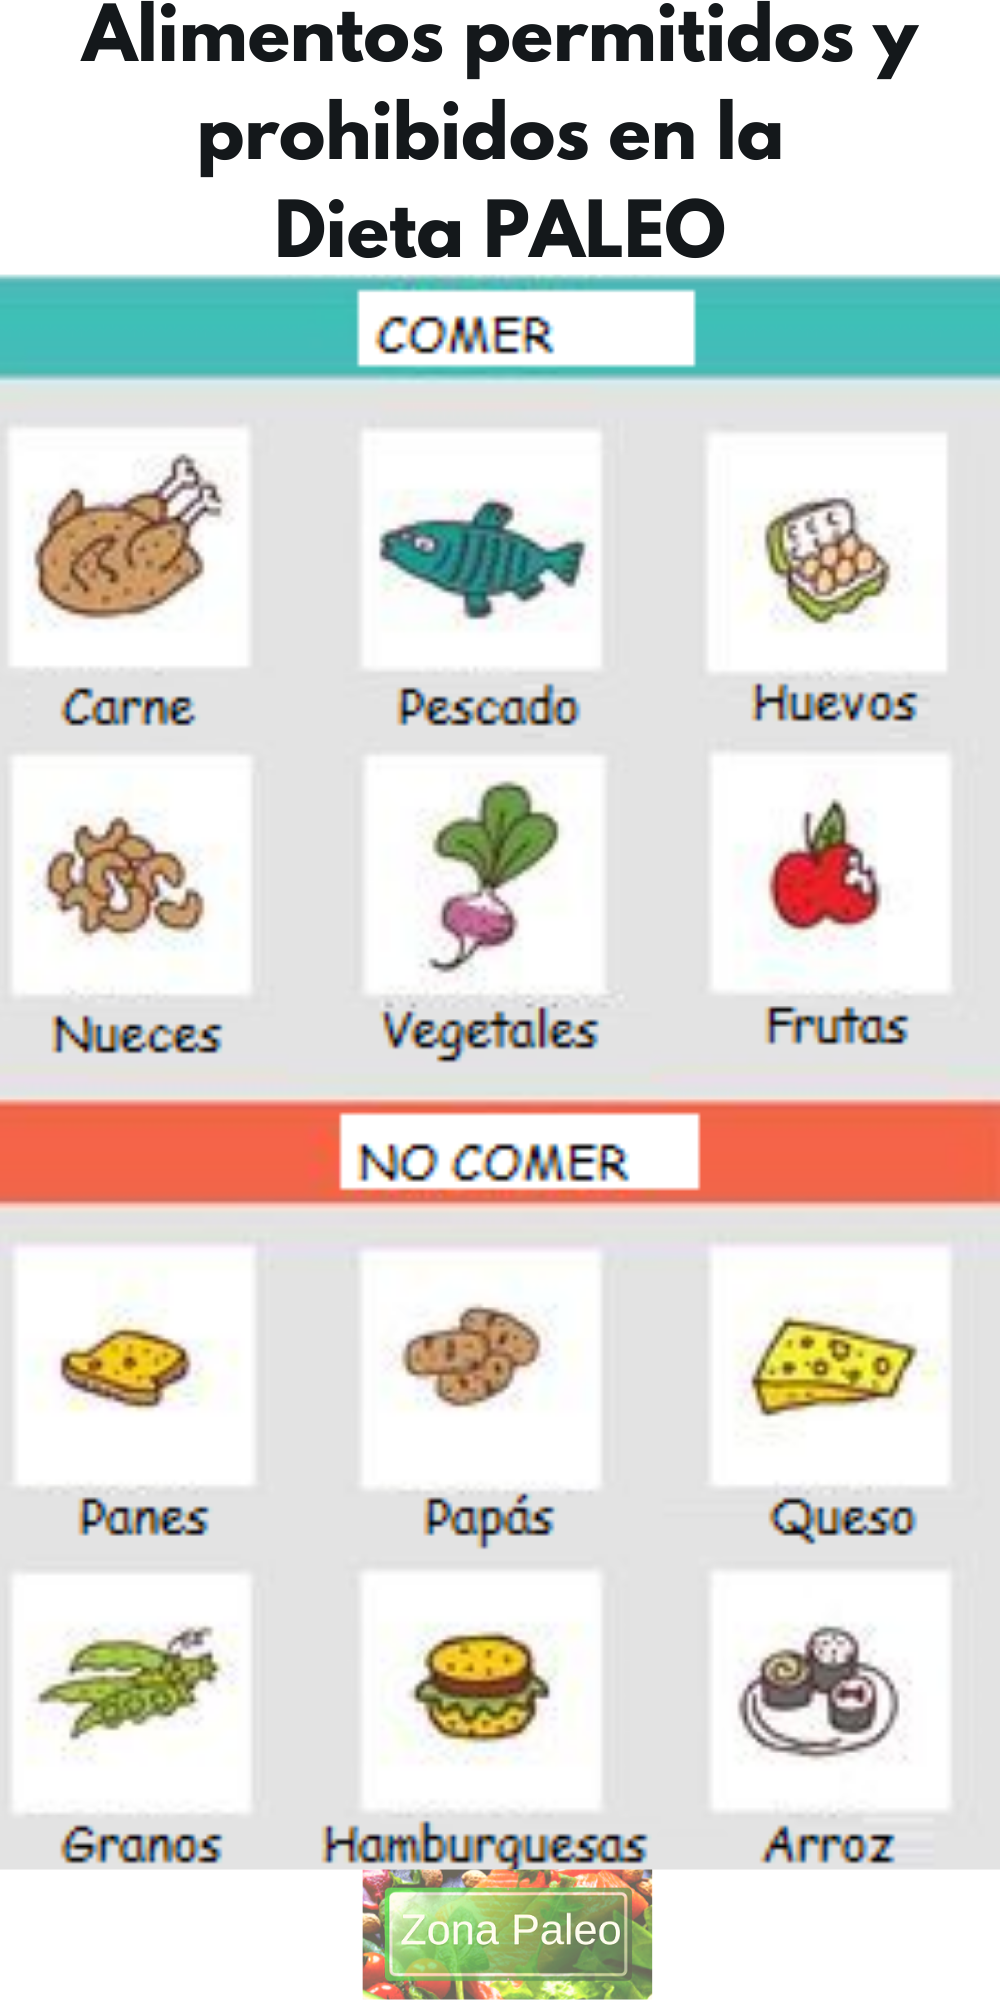 Alimentos Permitidos Y Prohibidos En La Dieta Paleo Dieta Paleo Alimentos Dietas